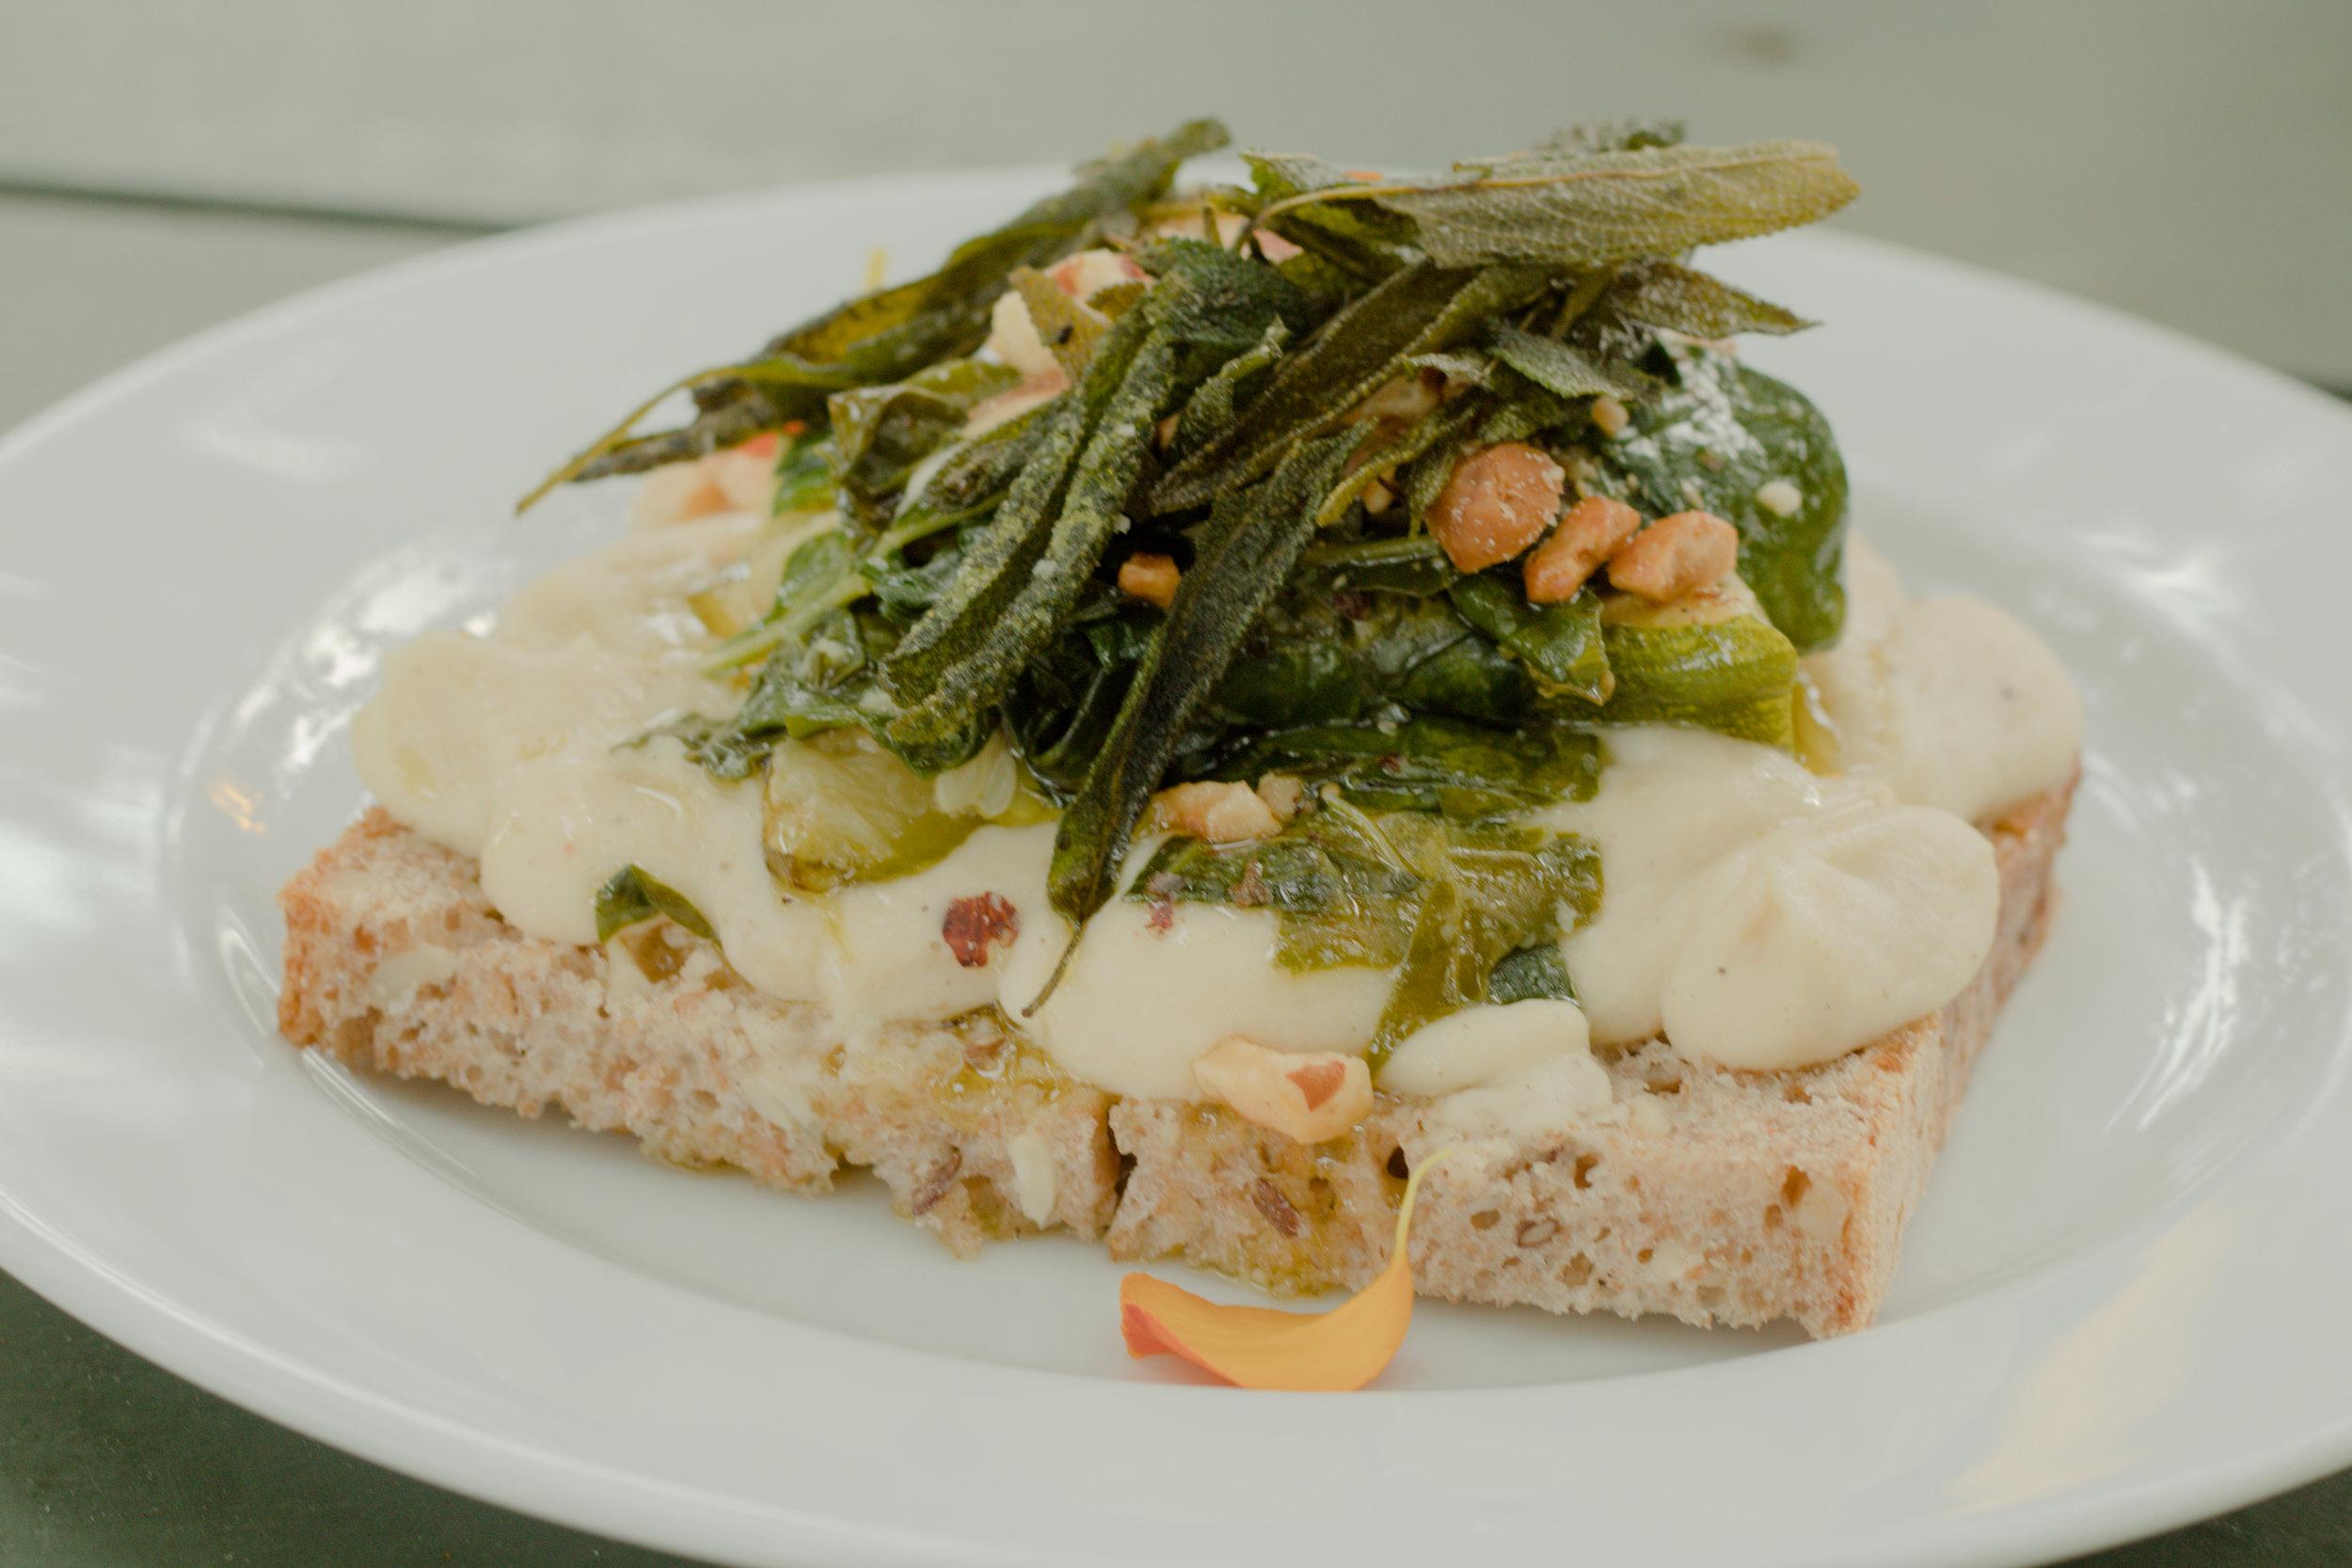 Vegansk macka med vit bönröra, salvia, nötter och annat gott.